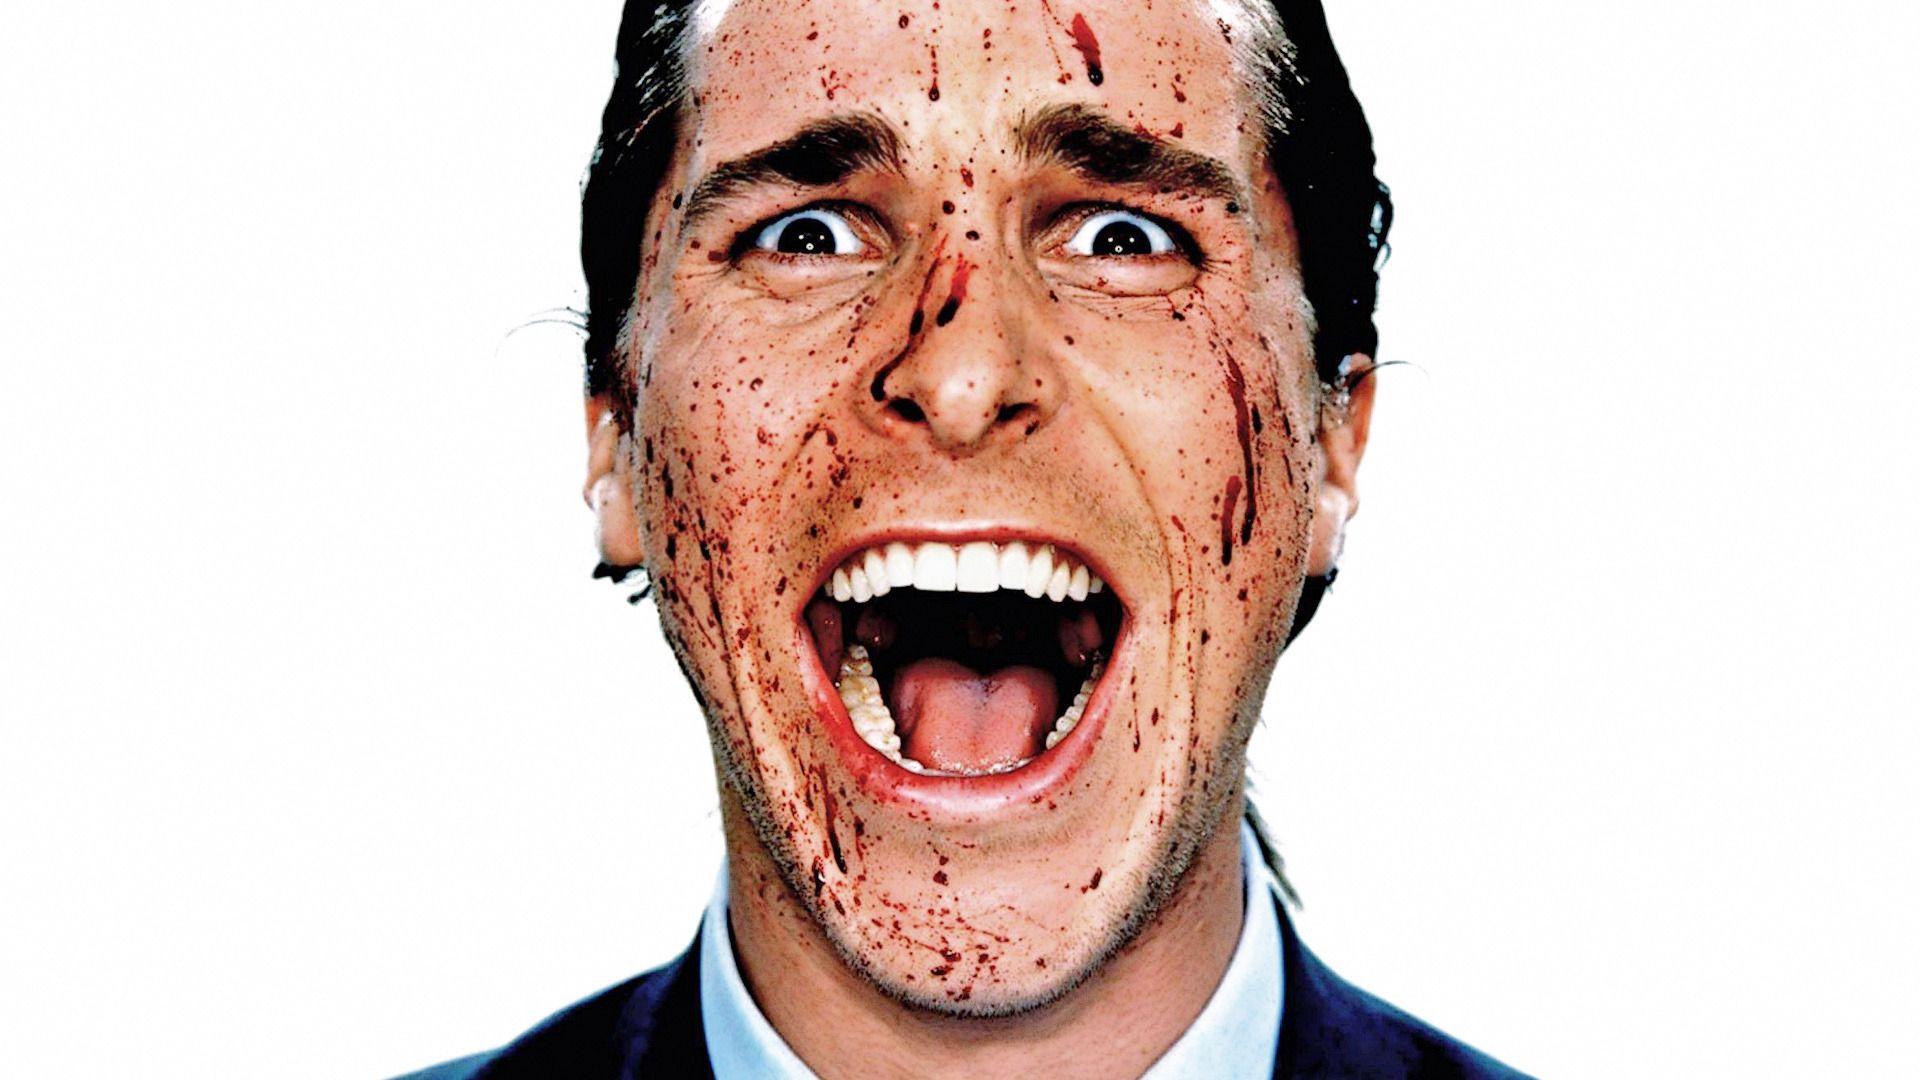 Christian Bale en el papel protagonista de American Psycho